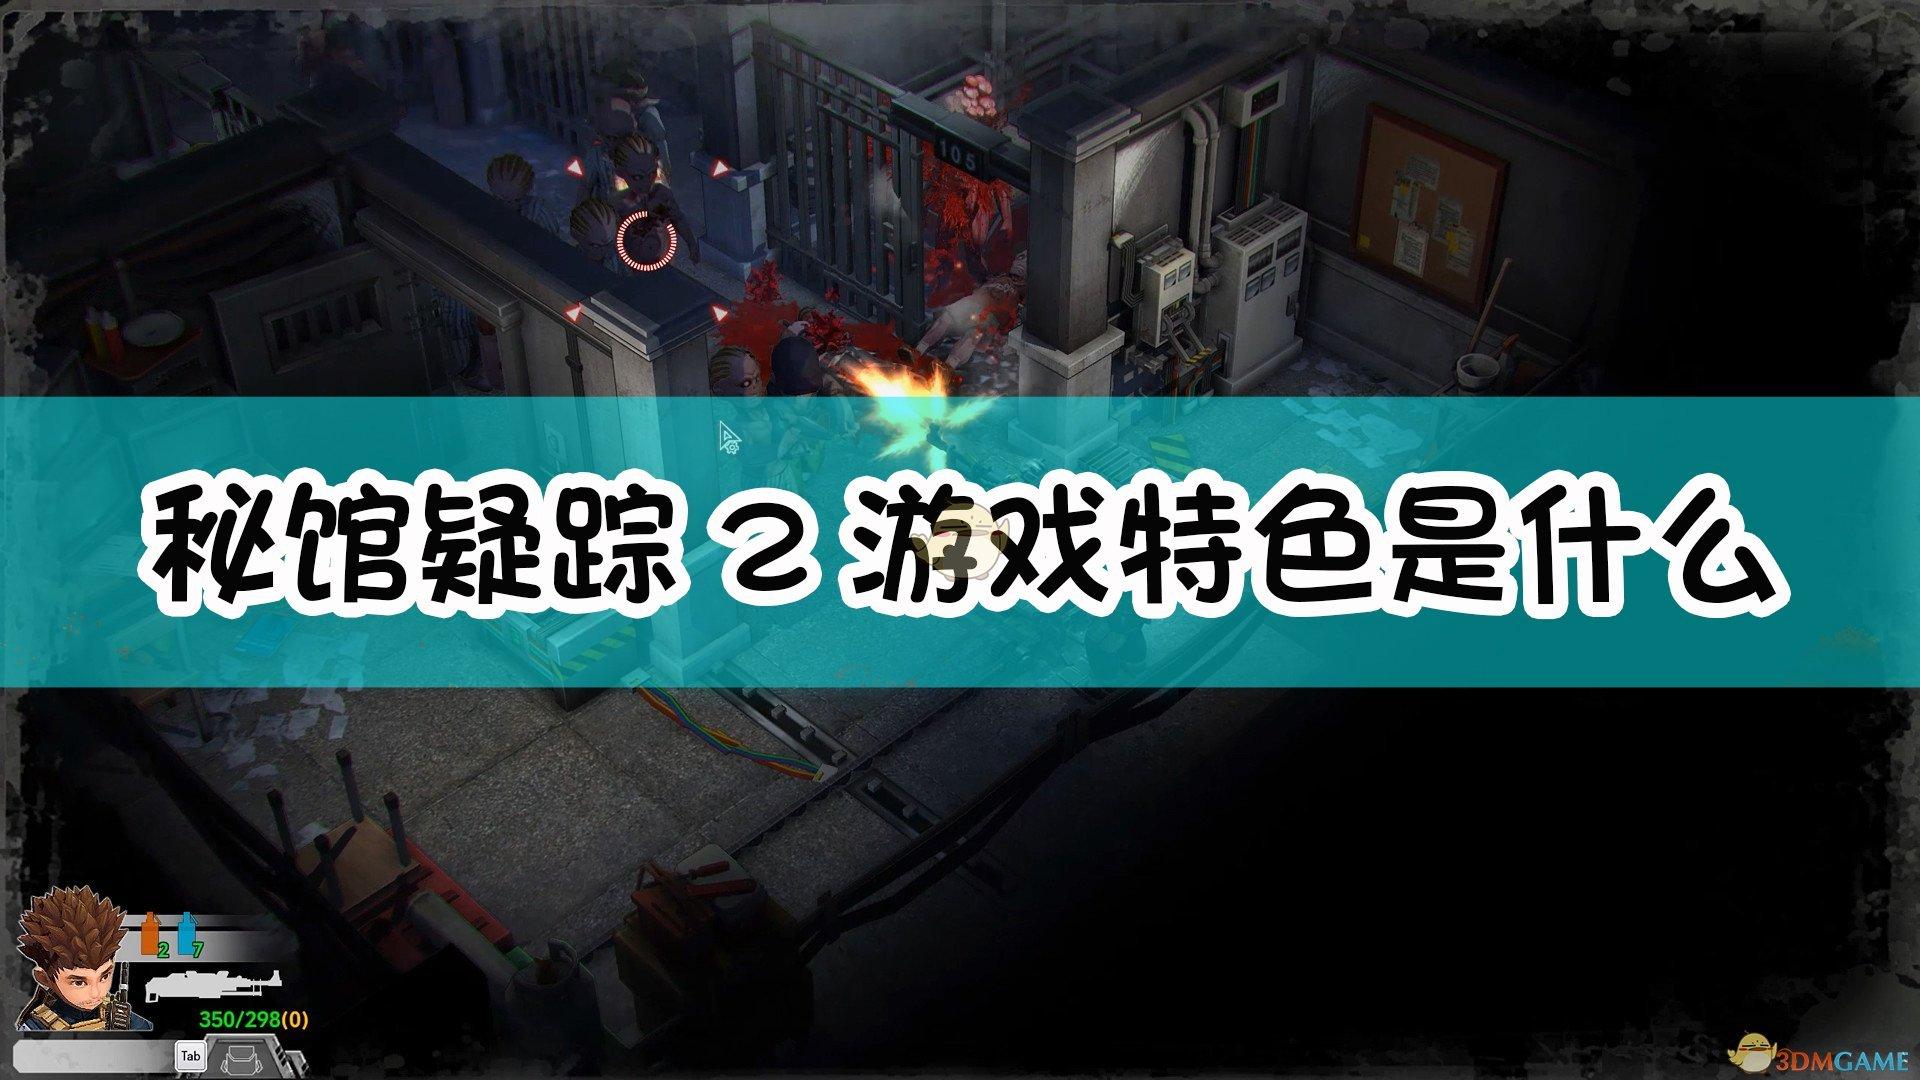 《秘馆疑踪2》游戏特色介绍